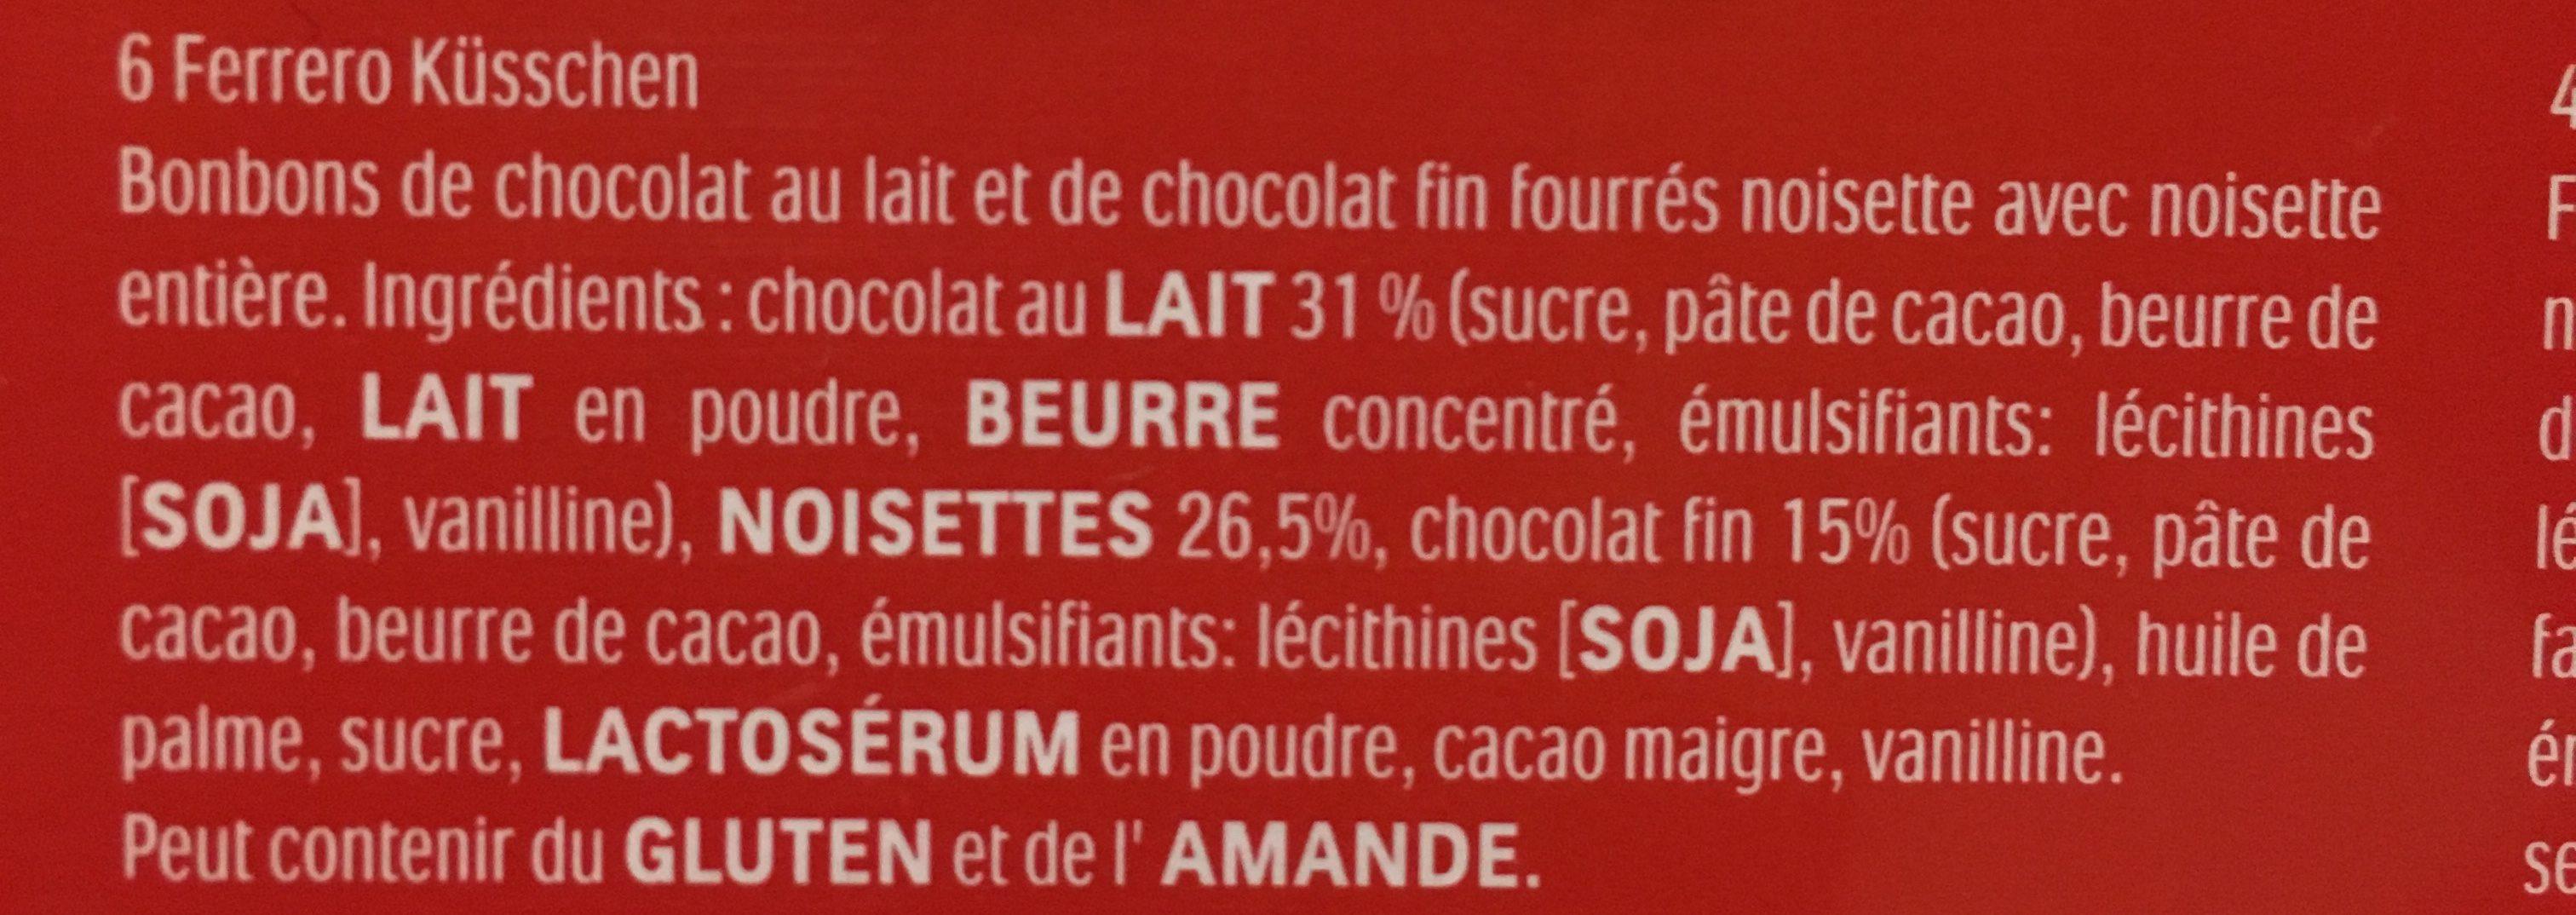 Ferrero prestige assortiment de chocolats boite de 16 pieces - Ingrédients - fr